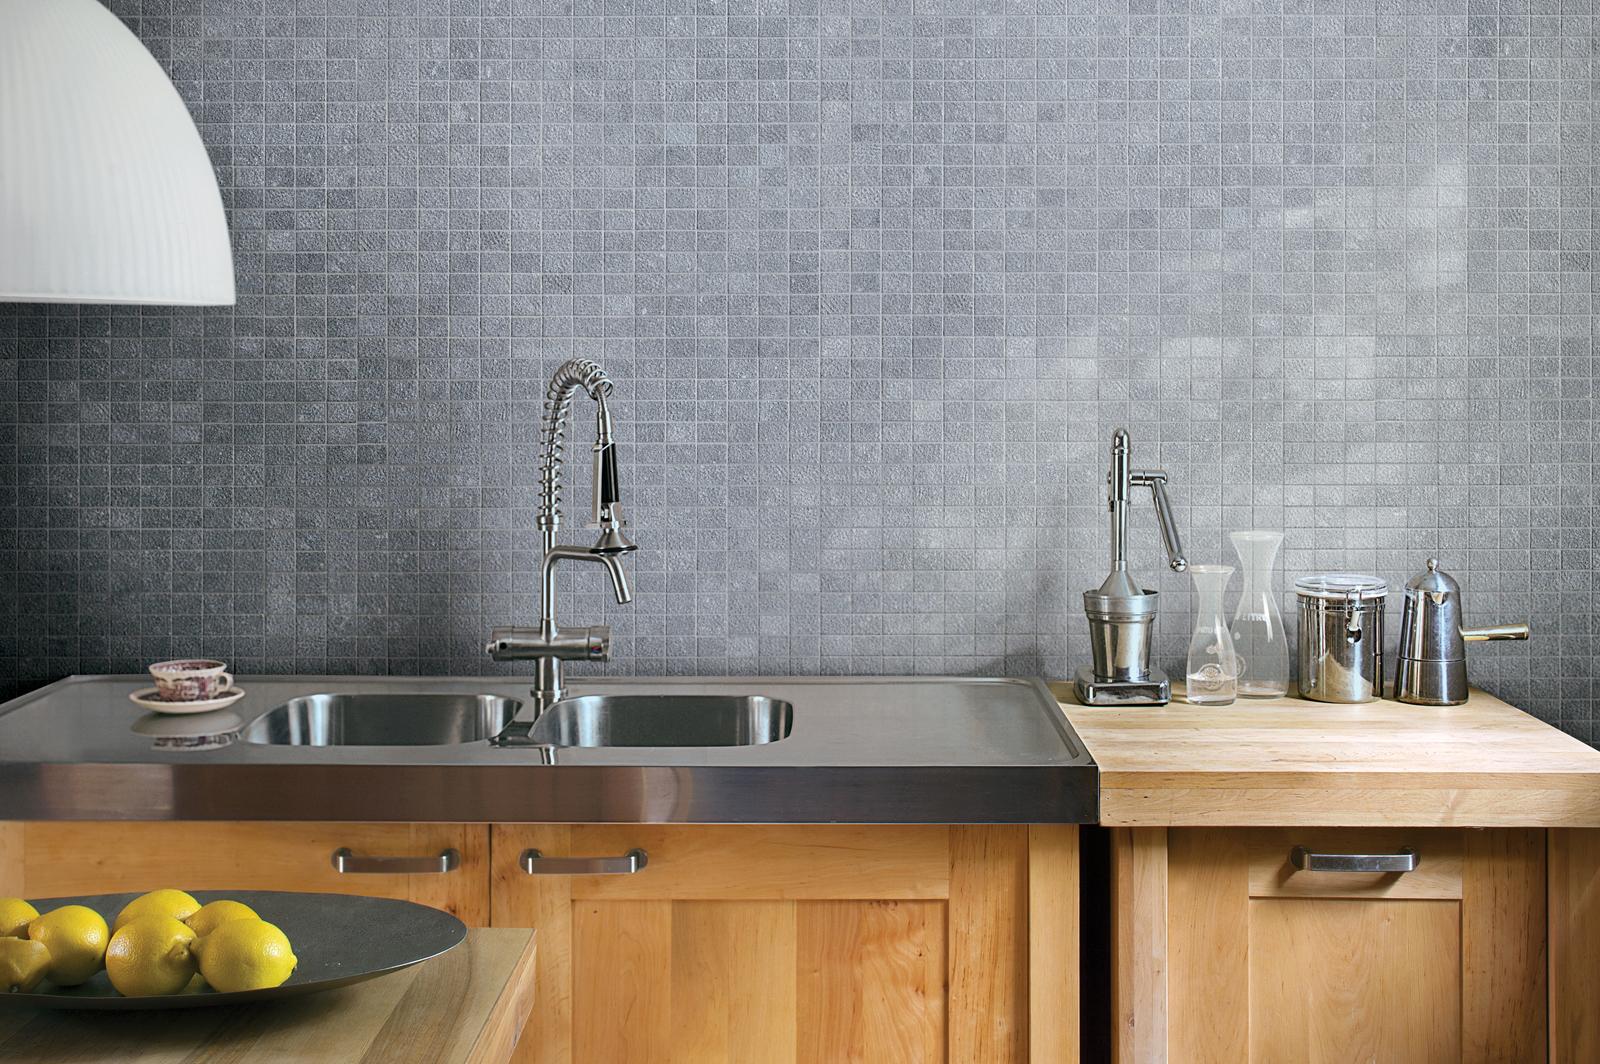 Stunning Pannelli Per Cucine Moderne Ideas - Ideas & Design 2017 ...